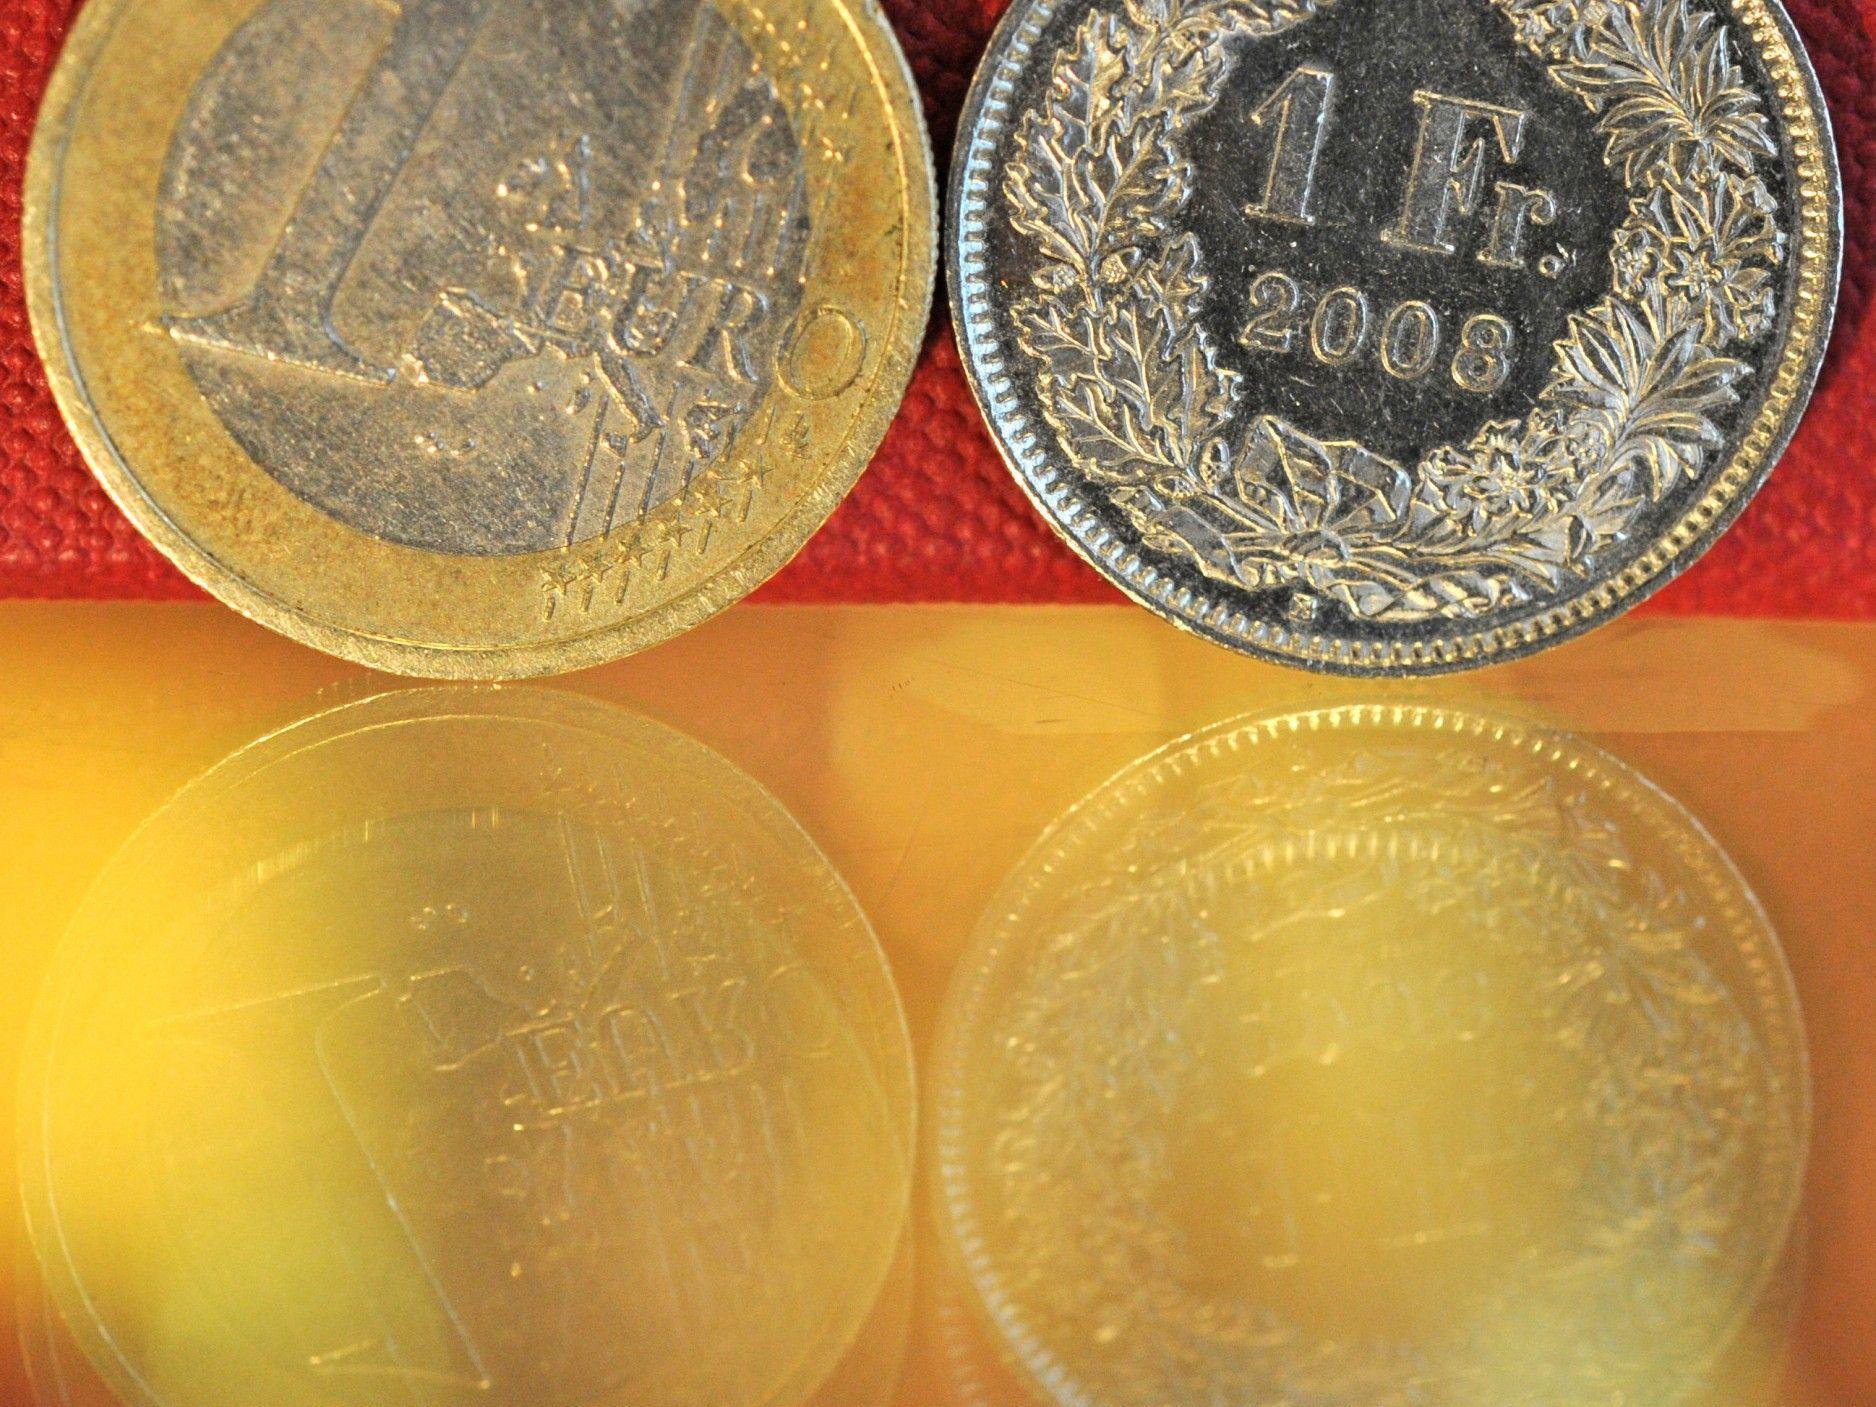 Die Notenbank toleriert keinen Euro-Franken-Kurs unter einem Mindestwert von 1,20 Franken.